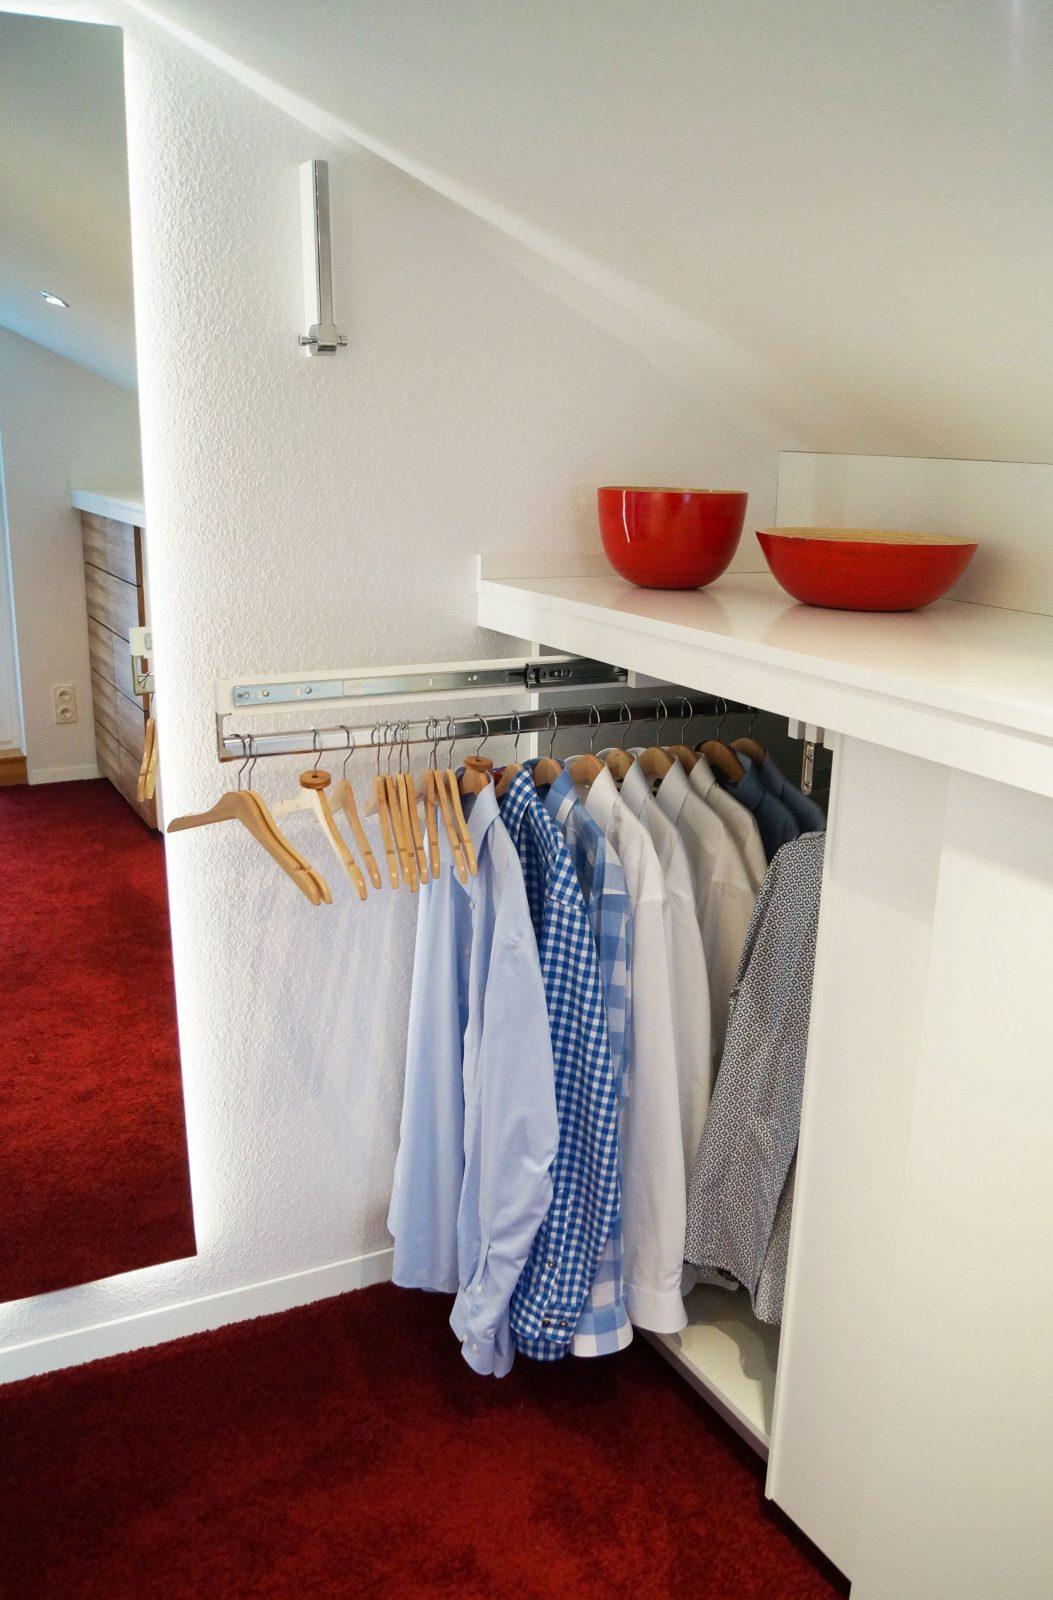 Begehbarer Kleiderschrank Begehbarer Kleiderschrank Dachschräge von Begehbarer Kleiderschrank Dachschräge Selber Bauen Bild